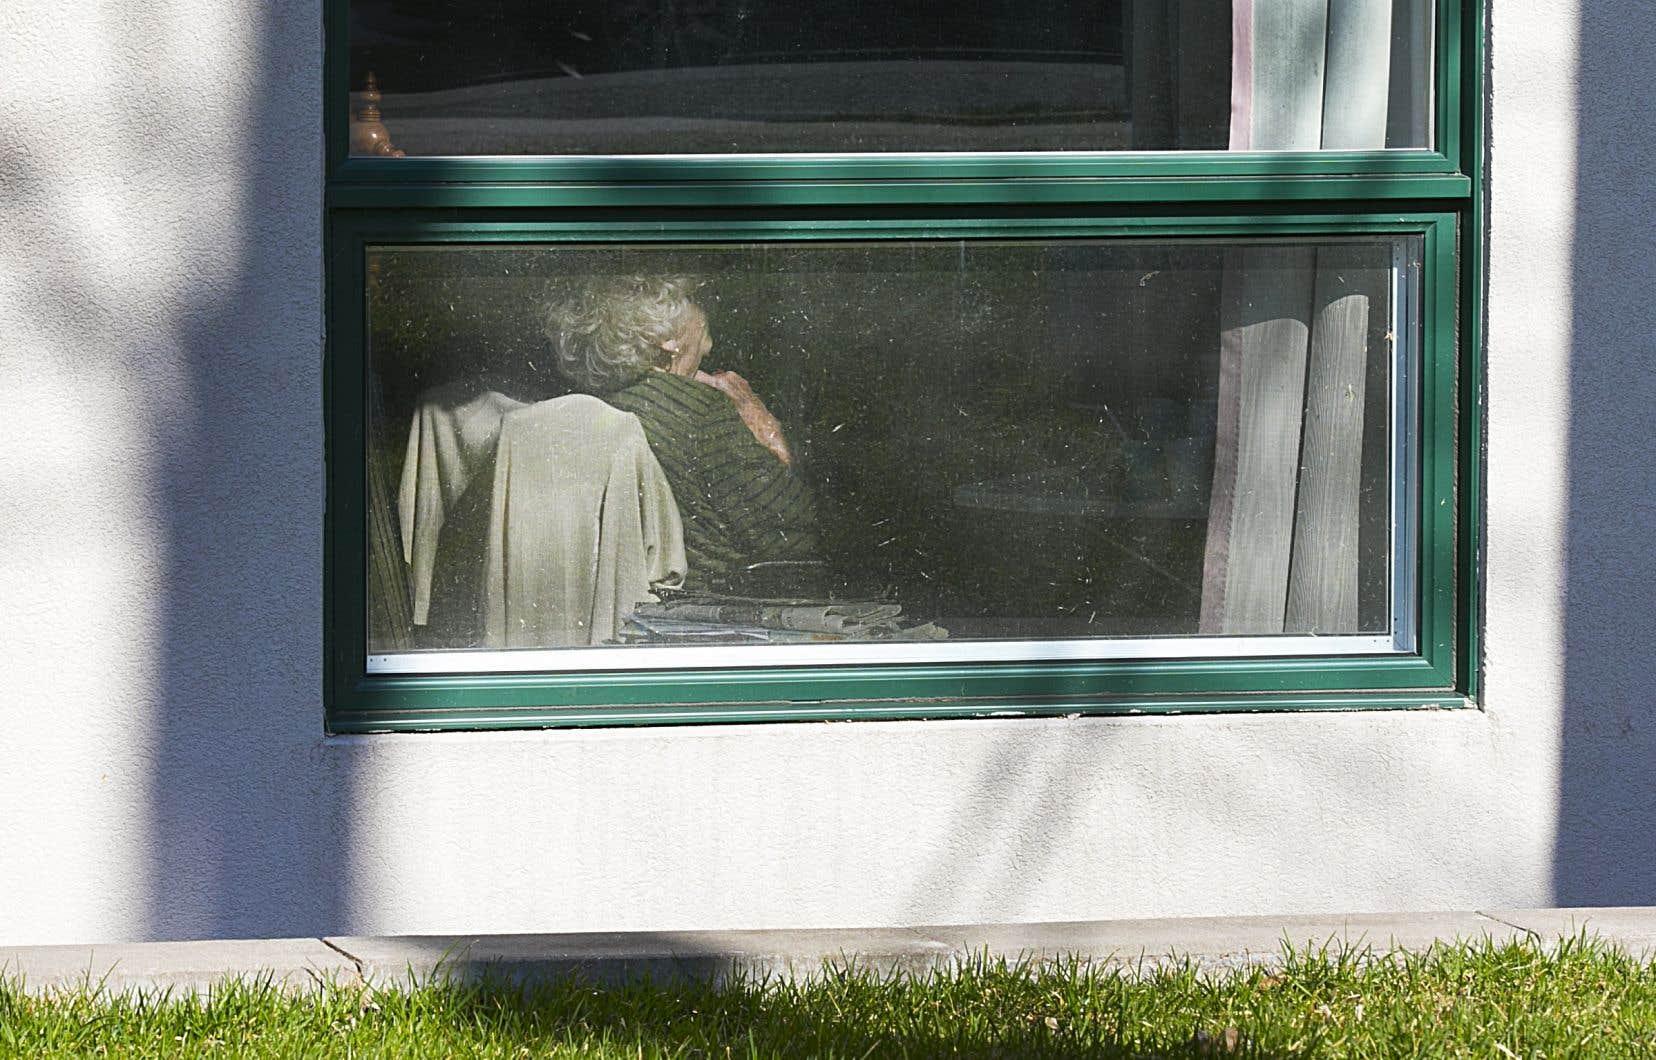 L'infirmière auxiliaire a reproché aux autorités d'avoir trop facilement inscrit la COVID-19 comme cause du décès des résidants pour masquer le fait que plusieurs étaient morts déshydratés ou mal nourris, faute de personnel.